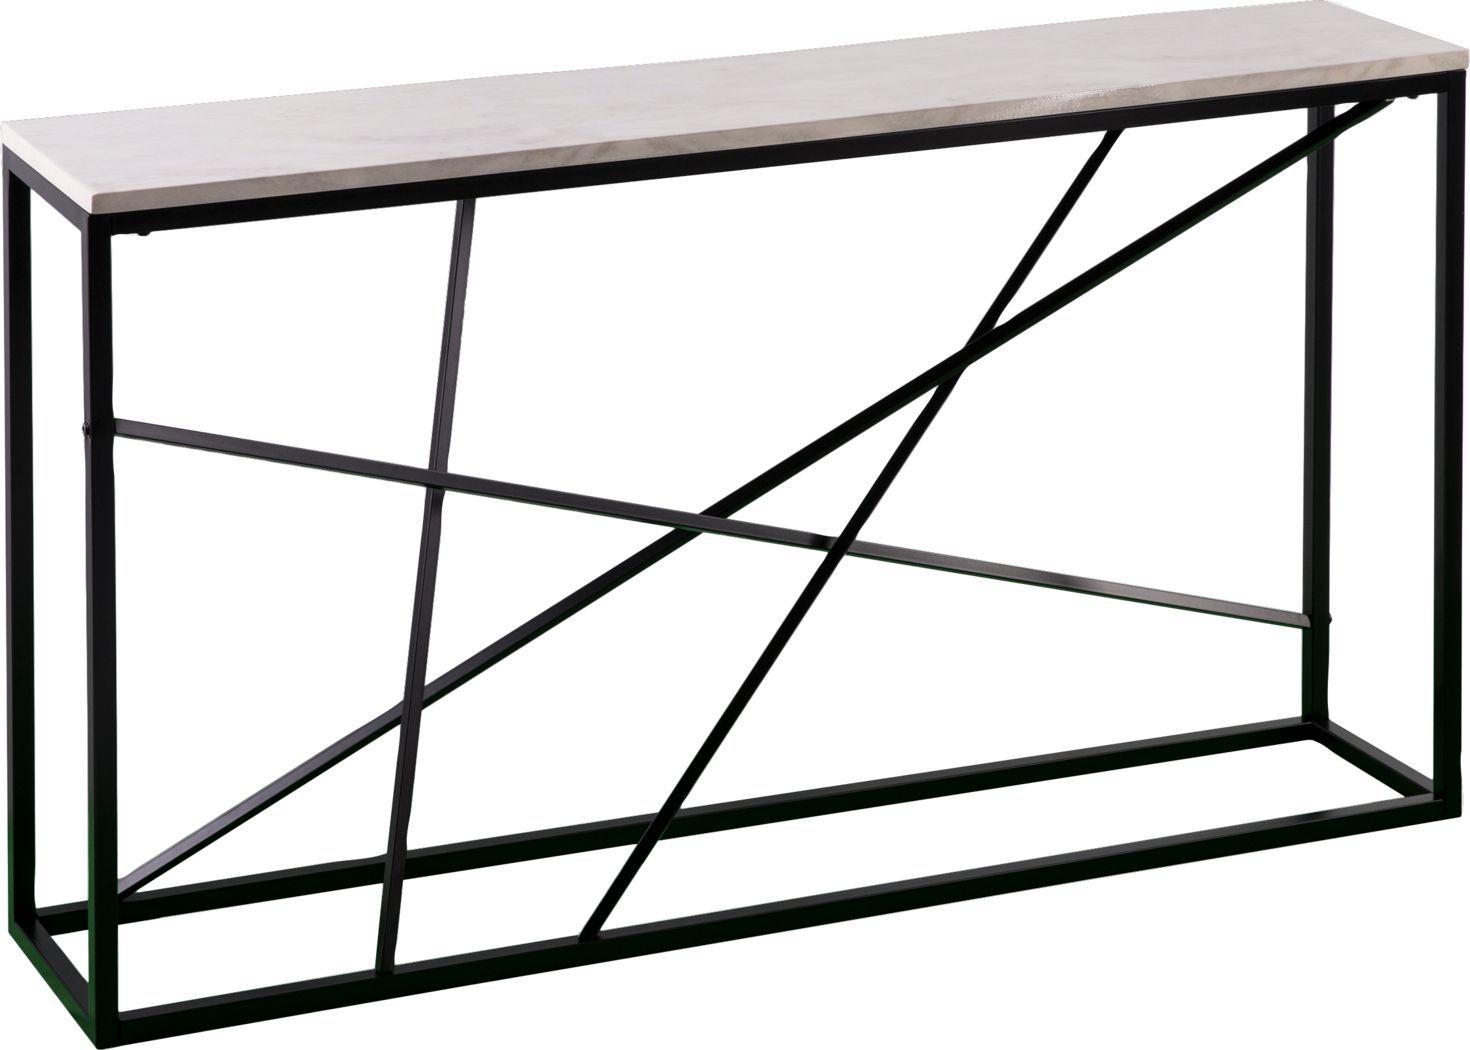 Alderton White Console Table Skinny